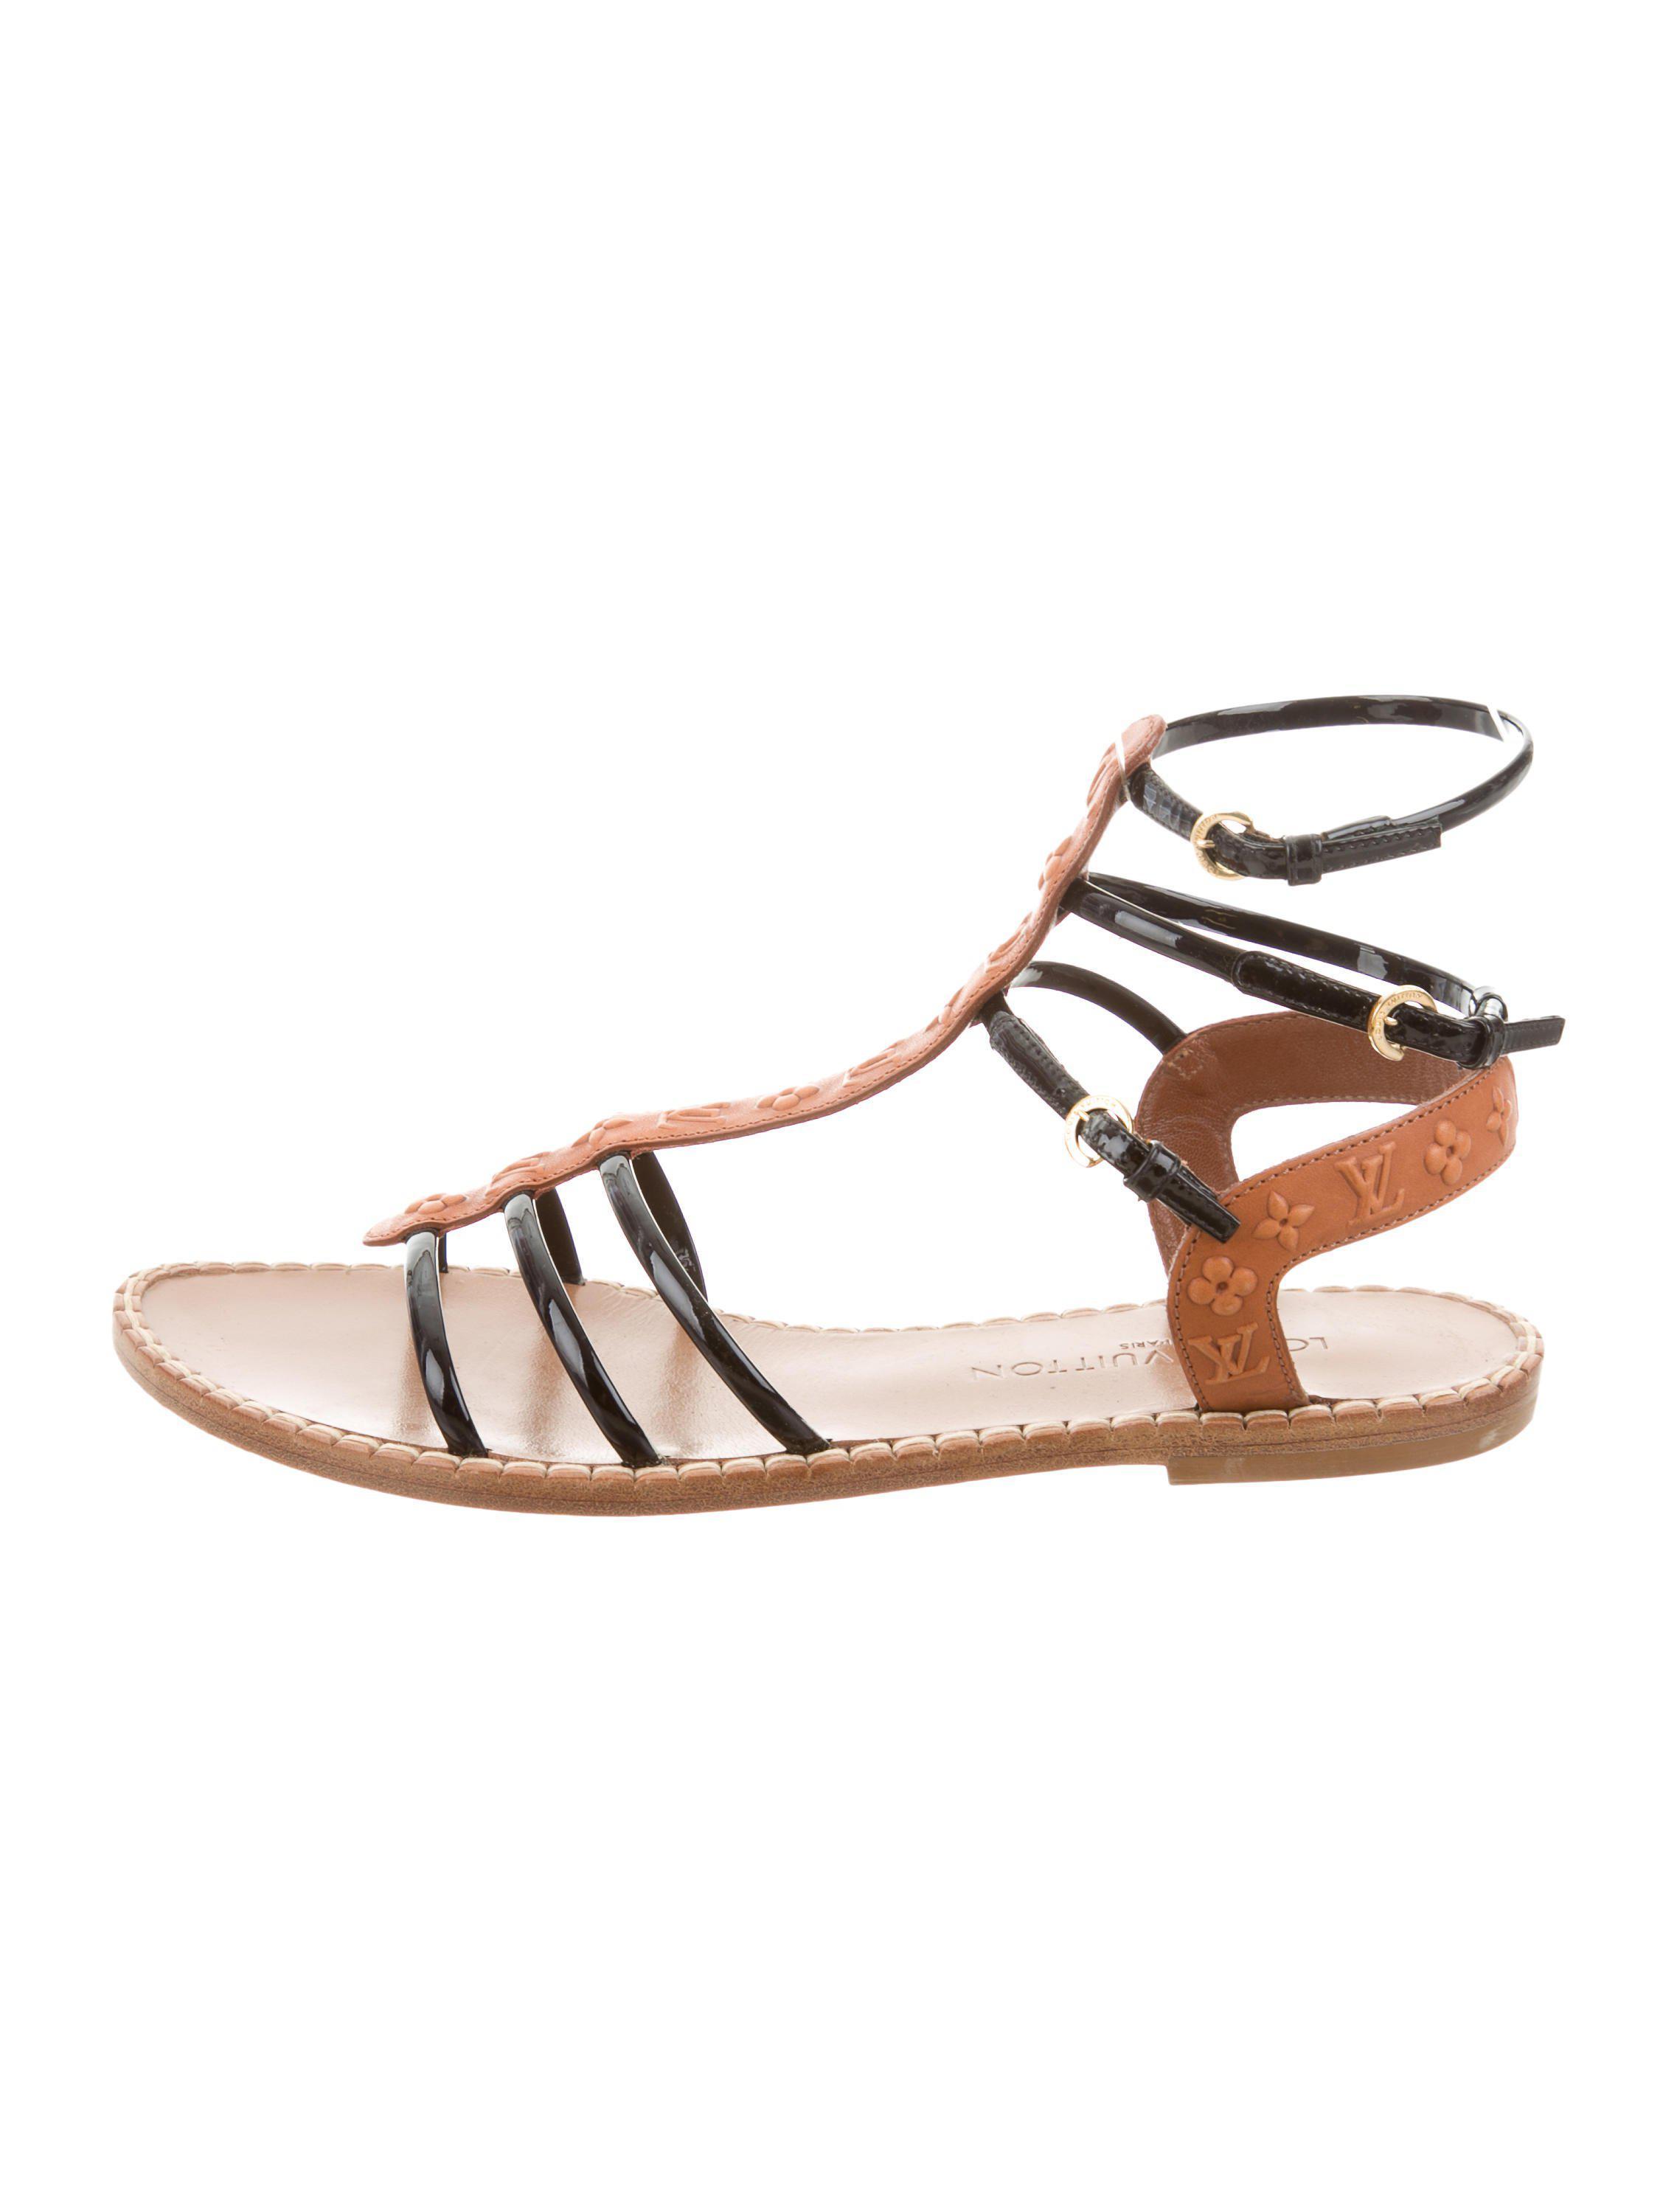 438222c21e627d ... Lyst - Louis Vuitton Monogram Multistrap Sandals in Black lowest  discount b484d bbbdb ...